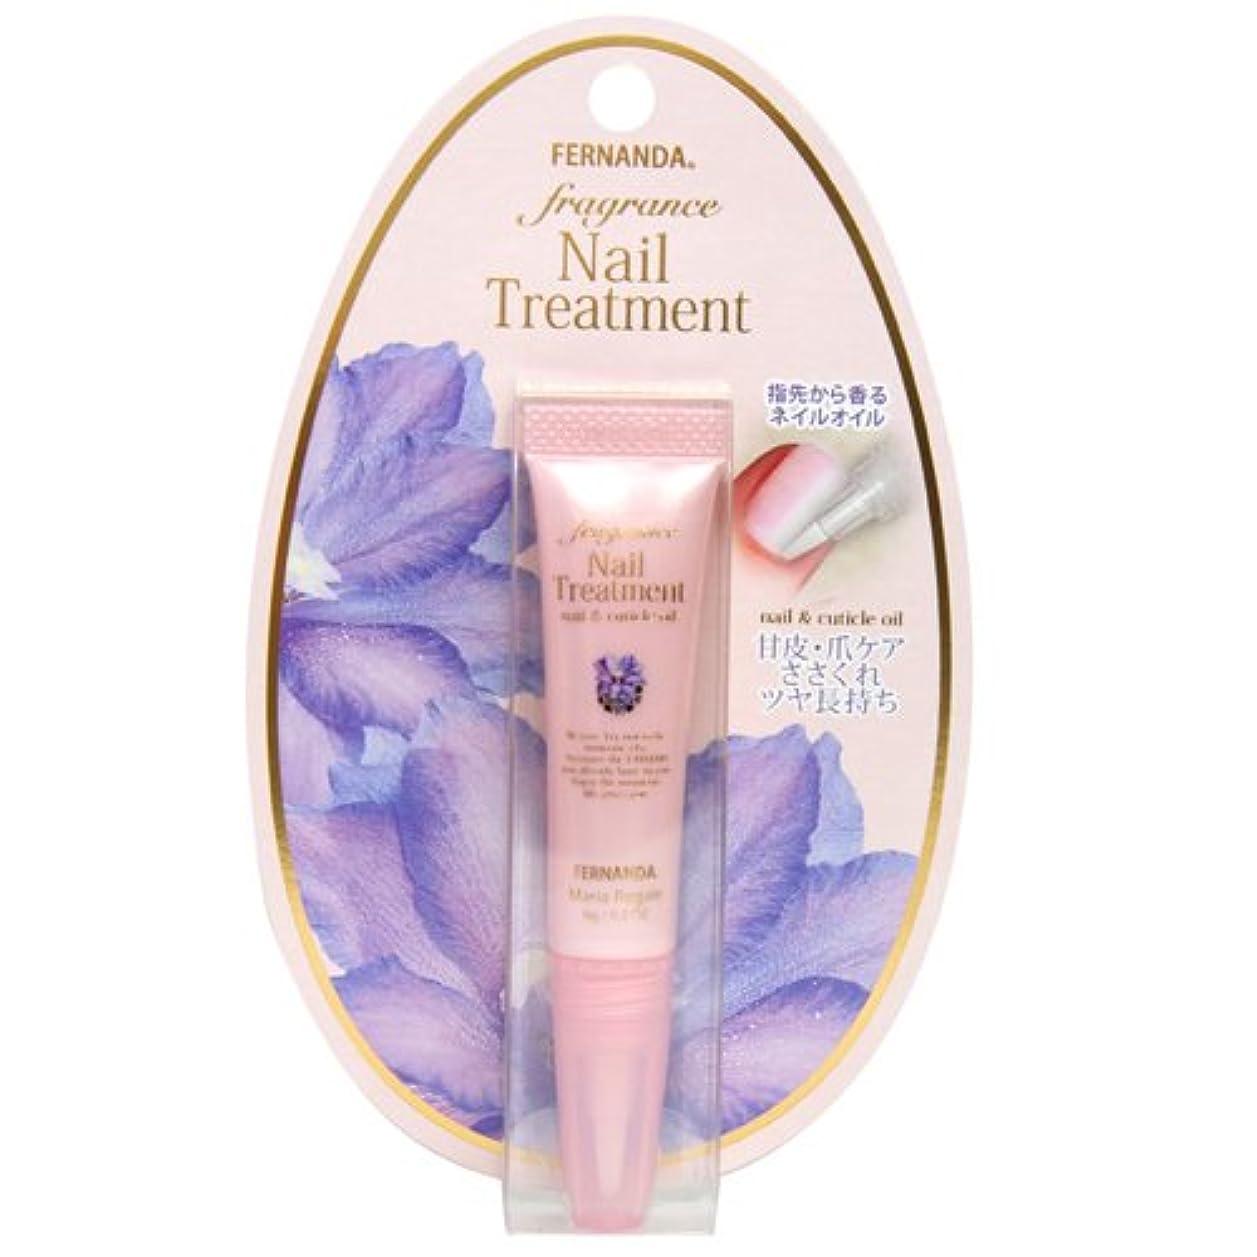 鎮痛剤不純ボウリングFERNANDA(フェルナンダ) Nail Treatment Maria Regale (ネイルトリートメント マリアリゲル)